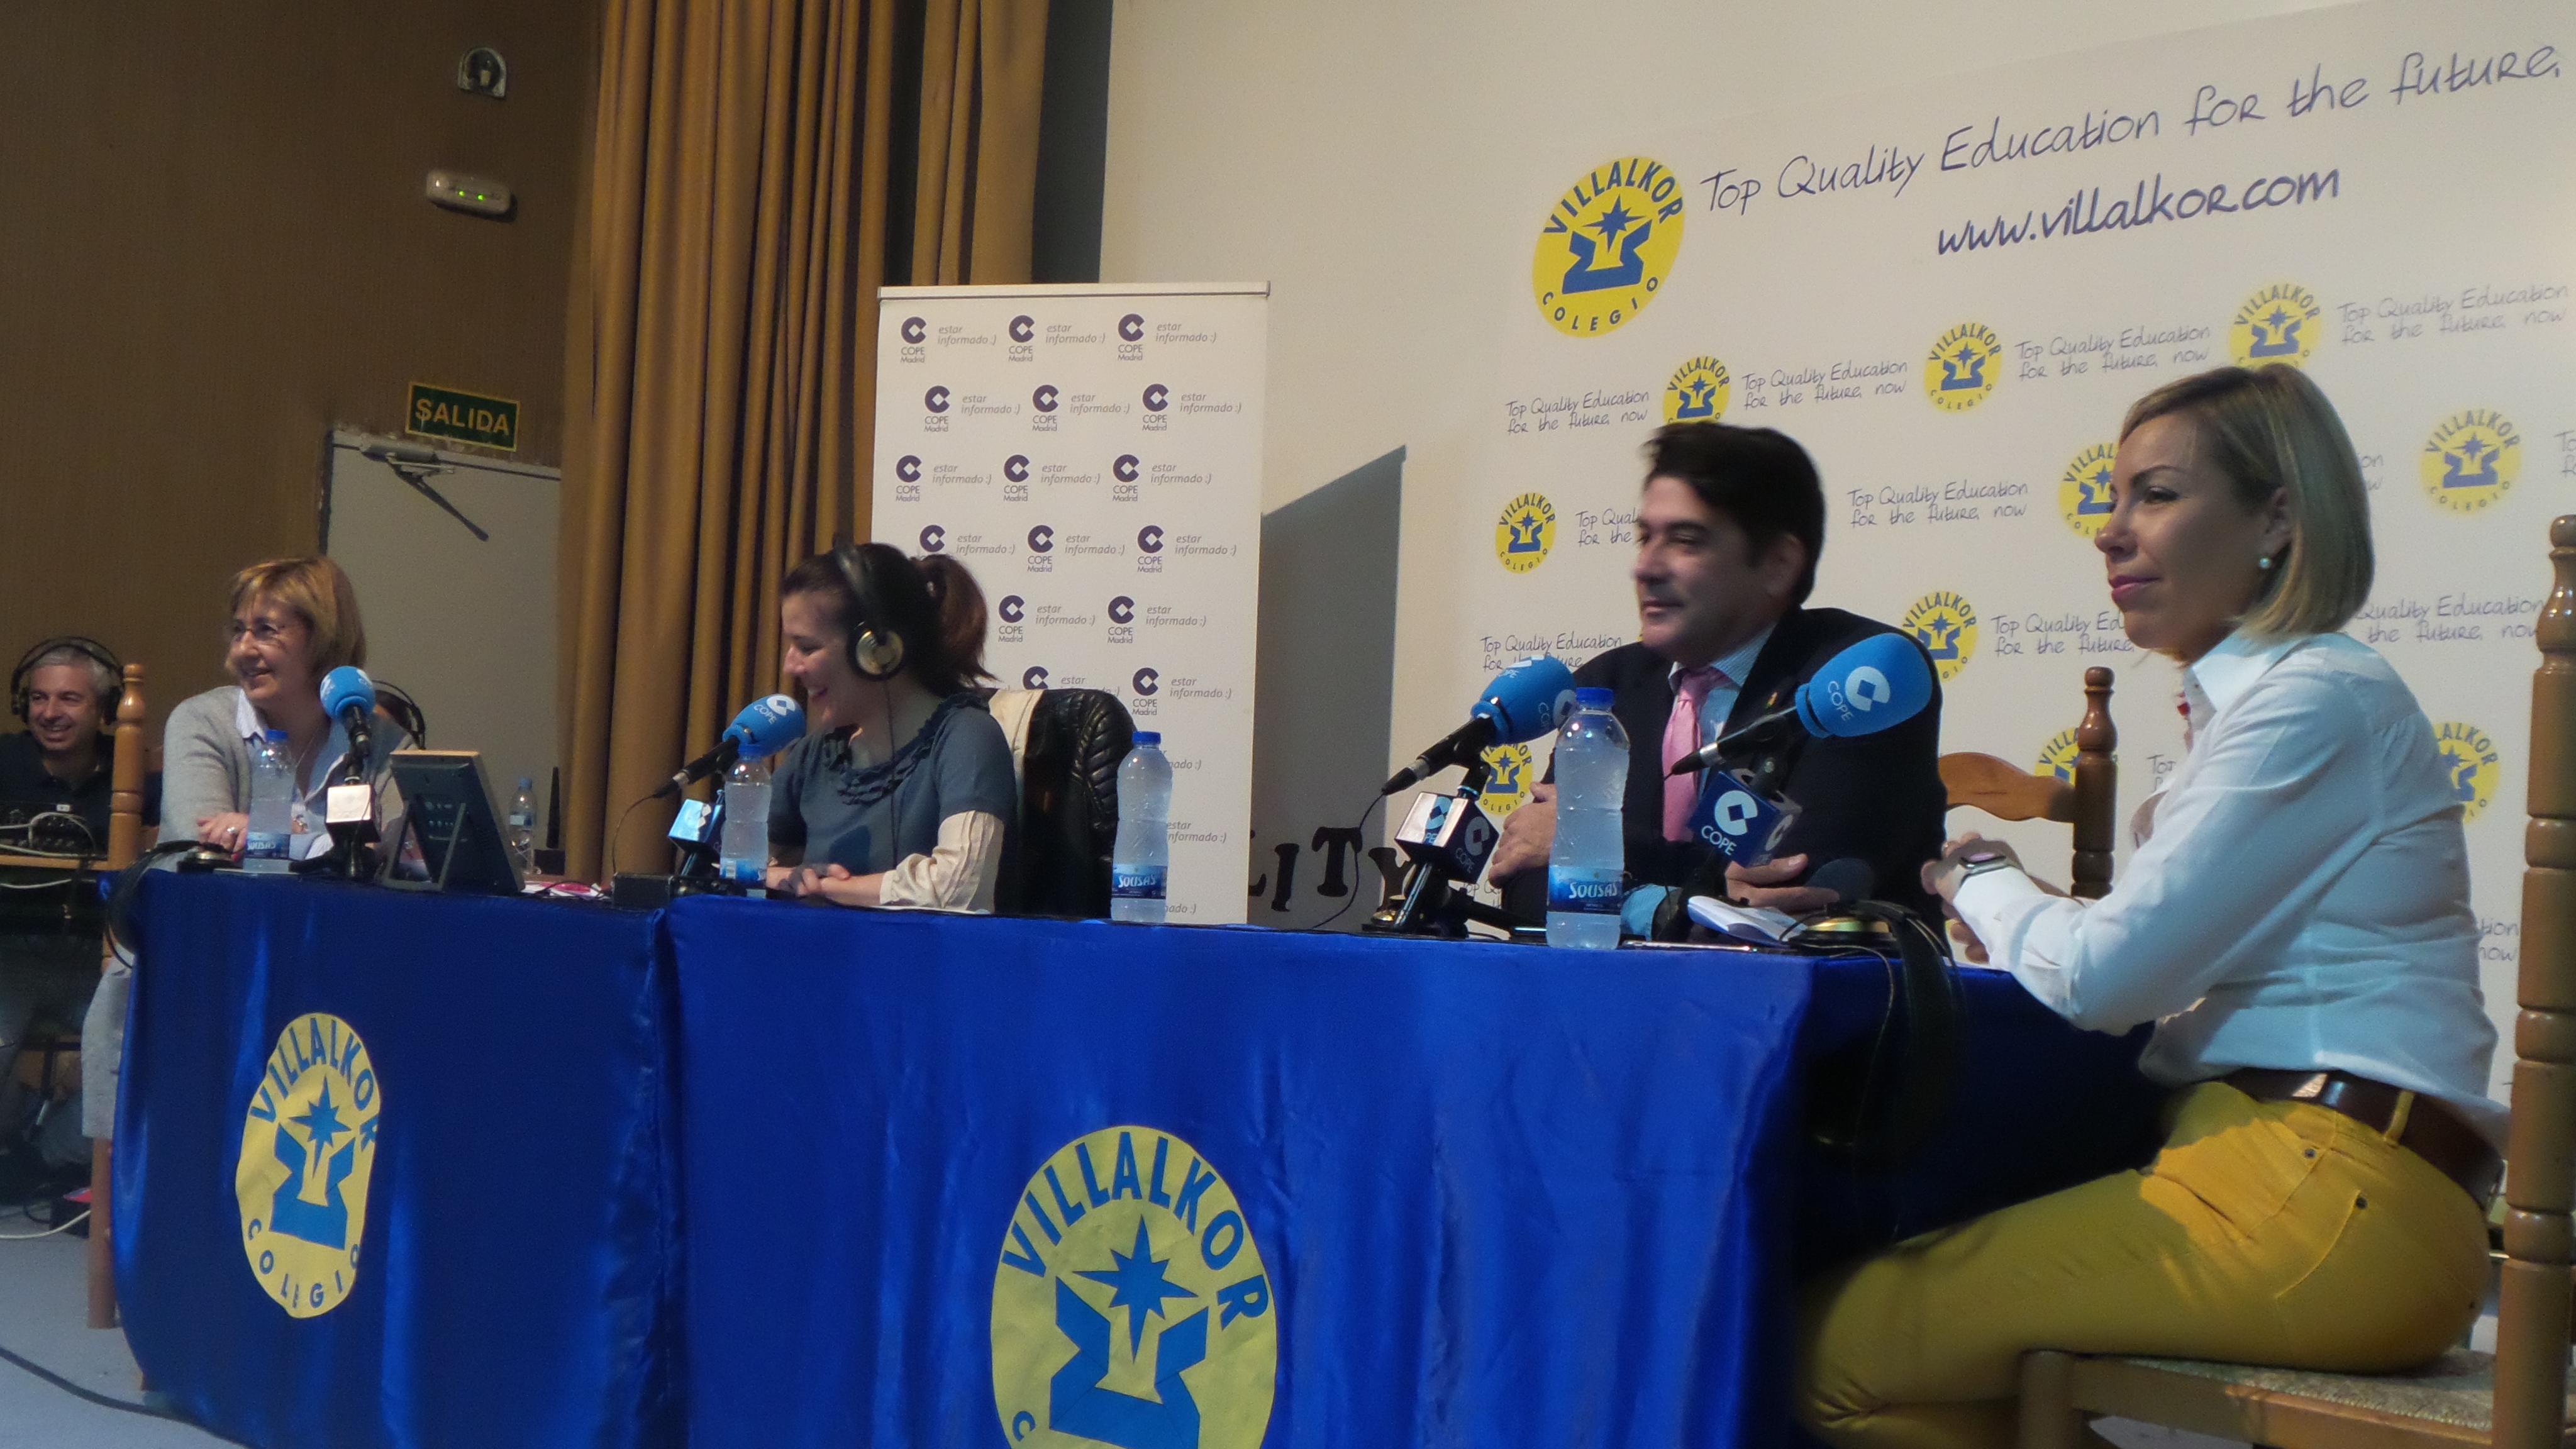 De izquierda a derecha, Rosa María García, Beatriz Pérez Otín, presentadora del programa; el alcalde de Alcorcón, David Pérez, y la directora de la Escuela Infantil, Rosa Díaz.